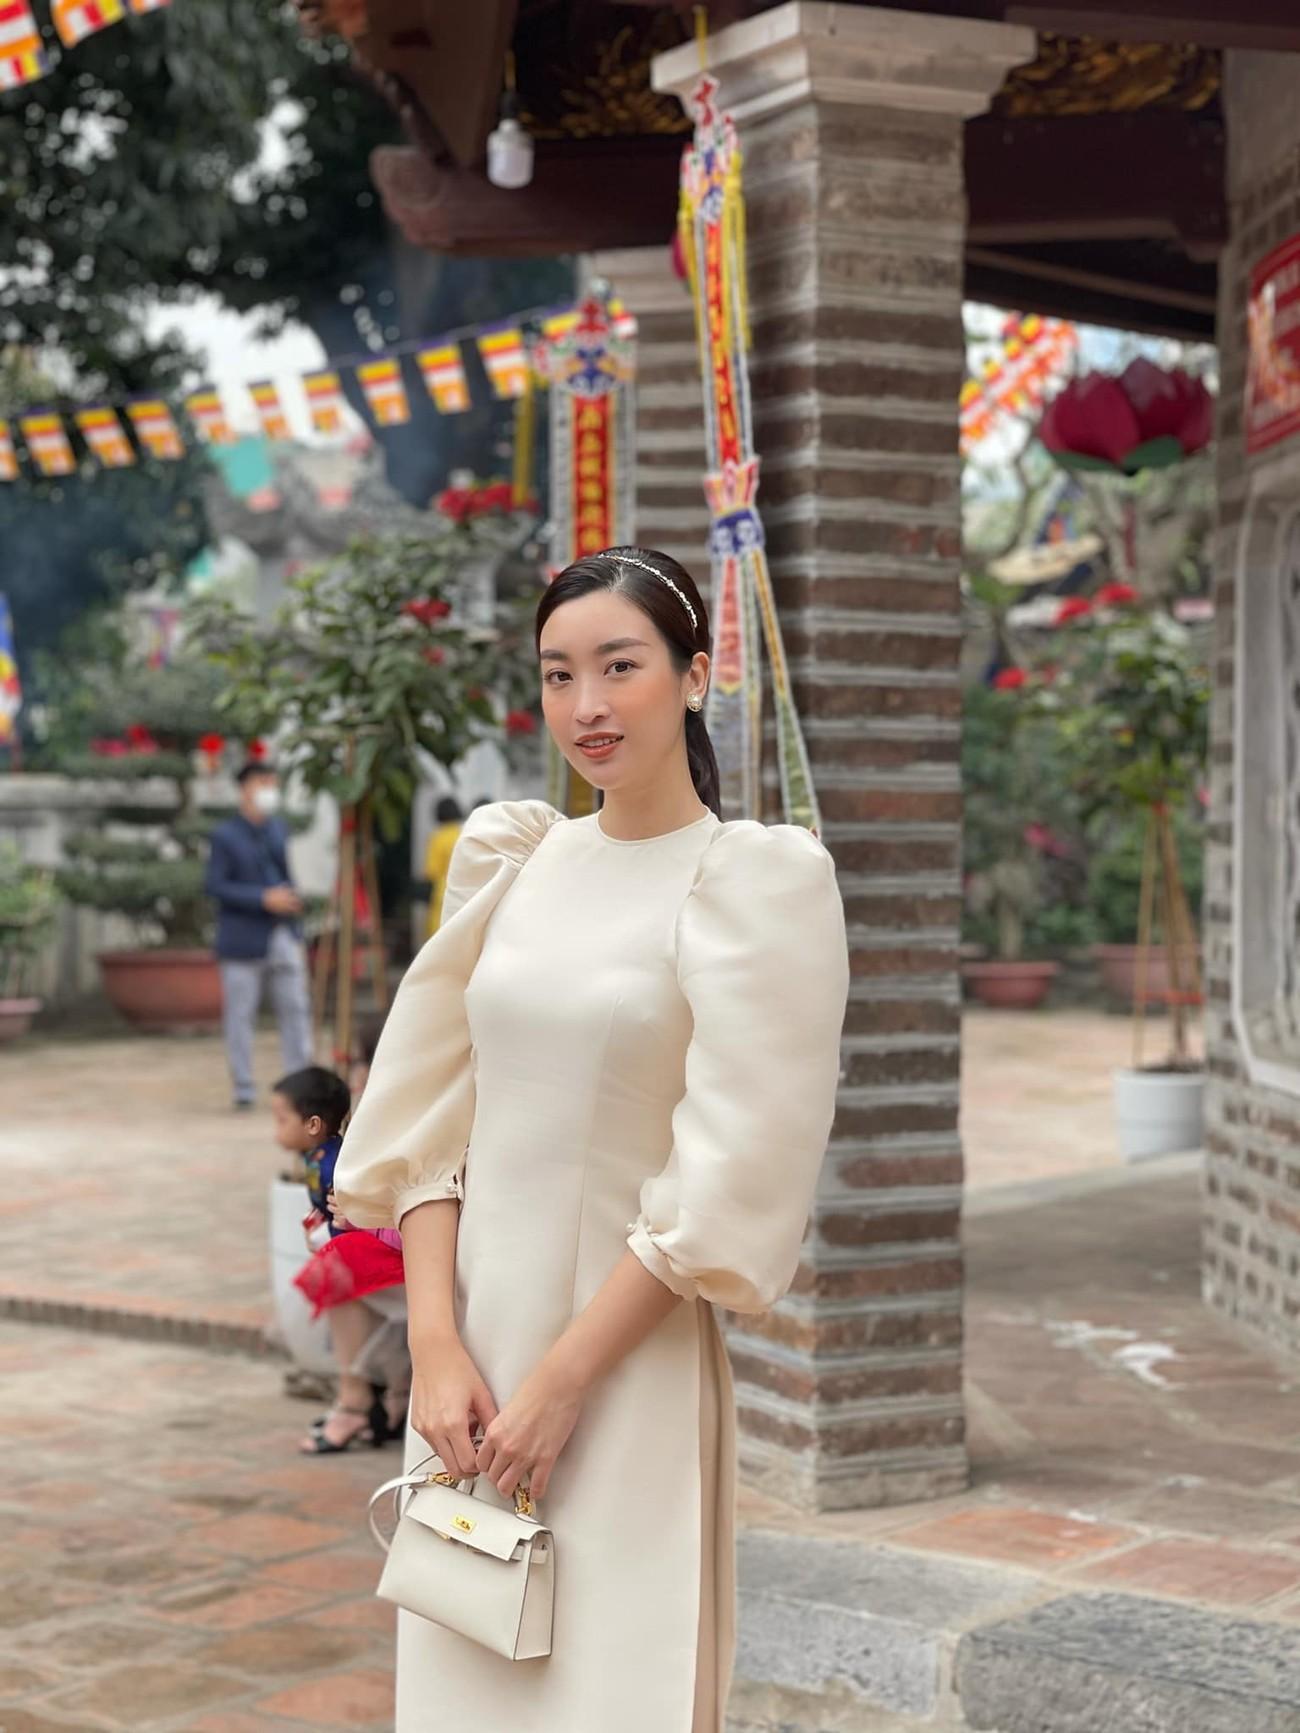 Hoa hậu Tiểu Vy khoe ảnh mẹ diện áo dài ngày mùng 1 Tết, fans trầm trồ vì nhan sắc trẻ đẹp ảnh 4